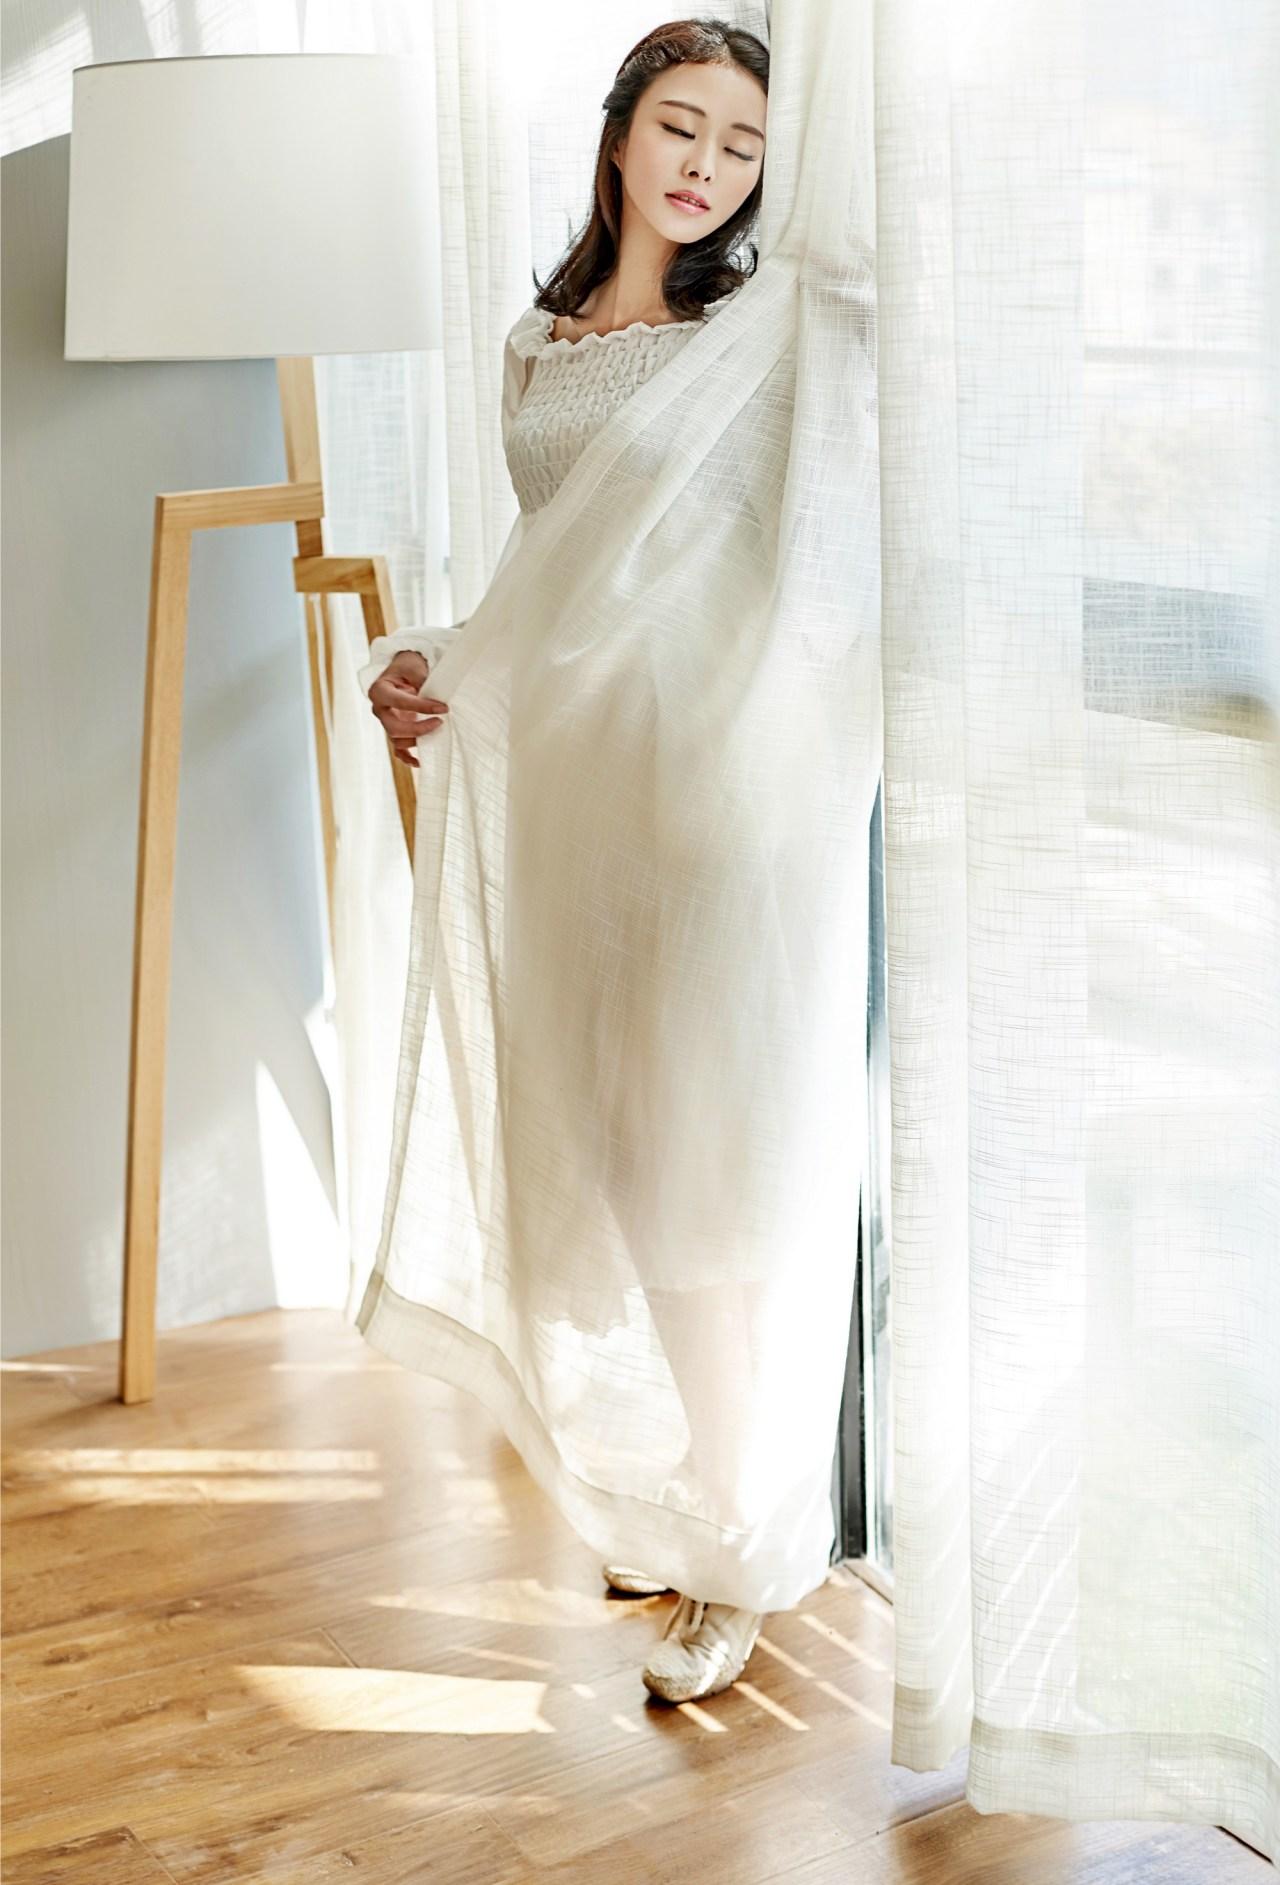 個人寫真,個人婚紗,個人婚紗照,個人攝影,藝術照,形象照,婚紗禮服,彩妝造型,沙龍照